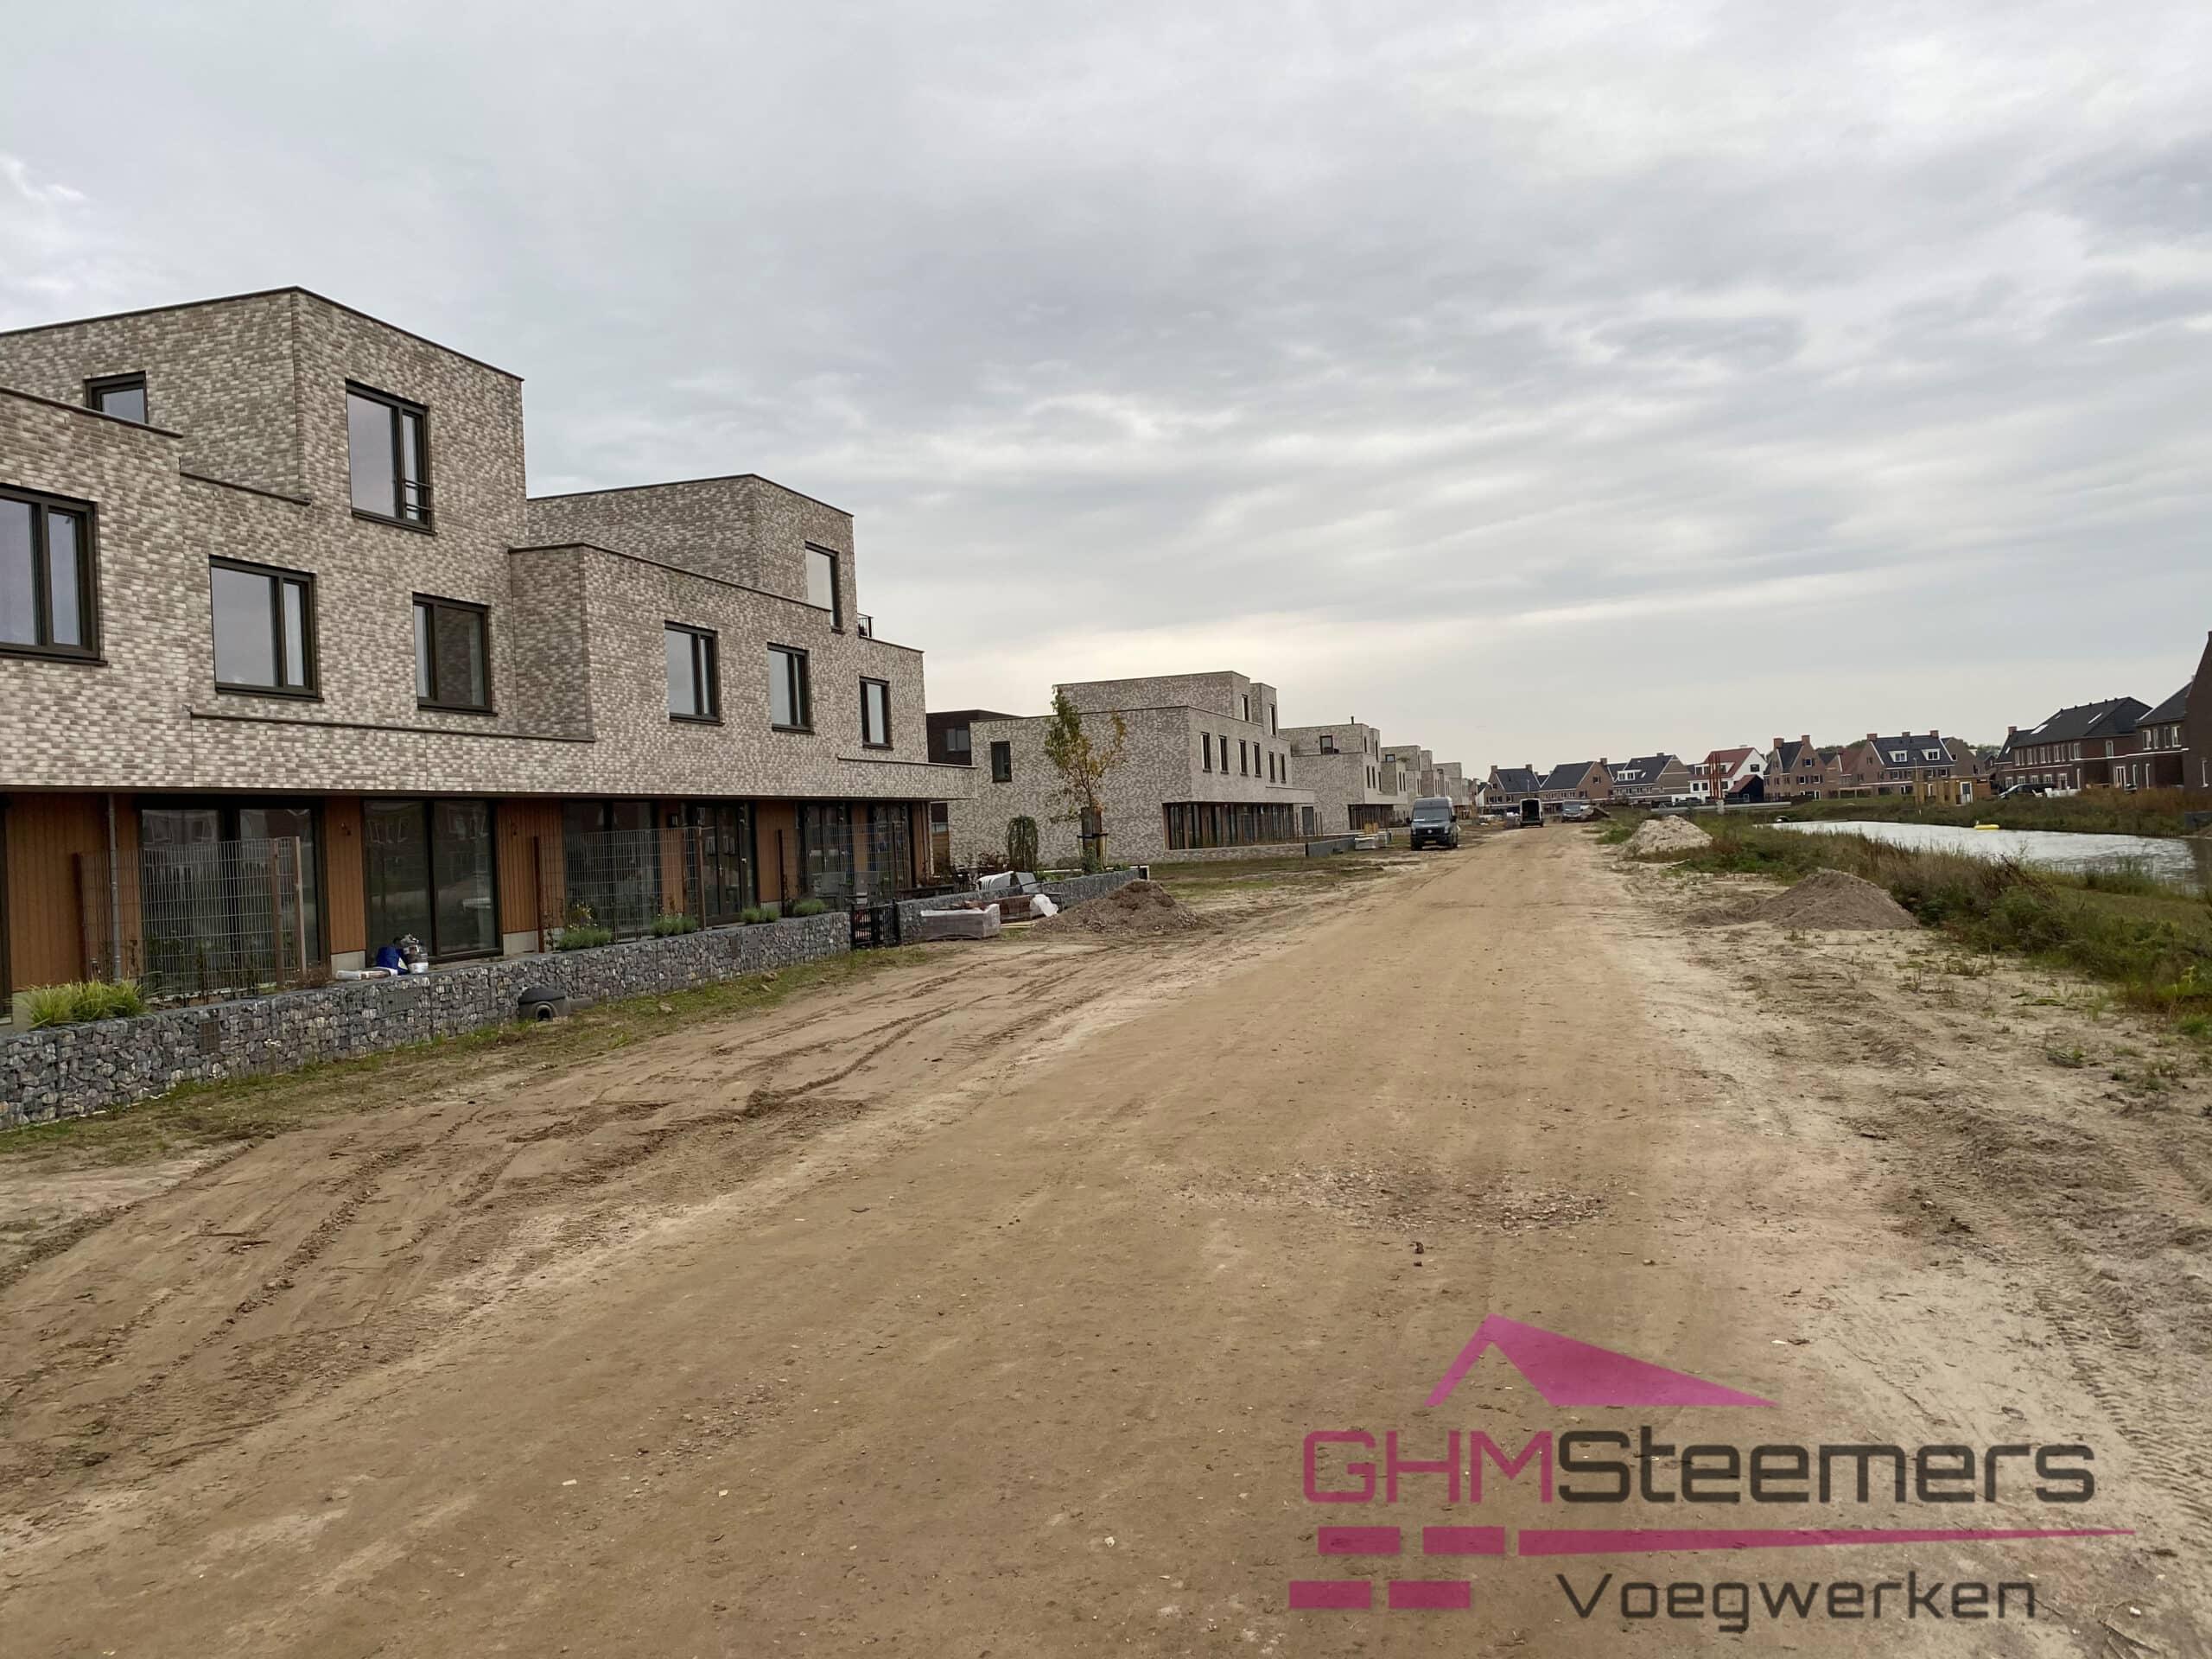 Parkhouses Parijsch   Gevoegd door voegersbedrijf G.H.M. Steemers Voegwerken